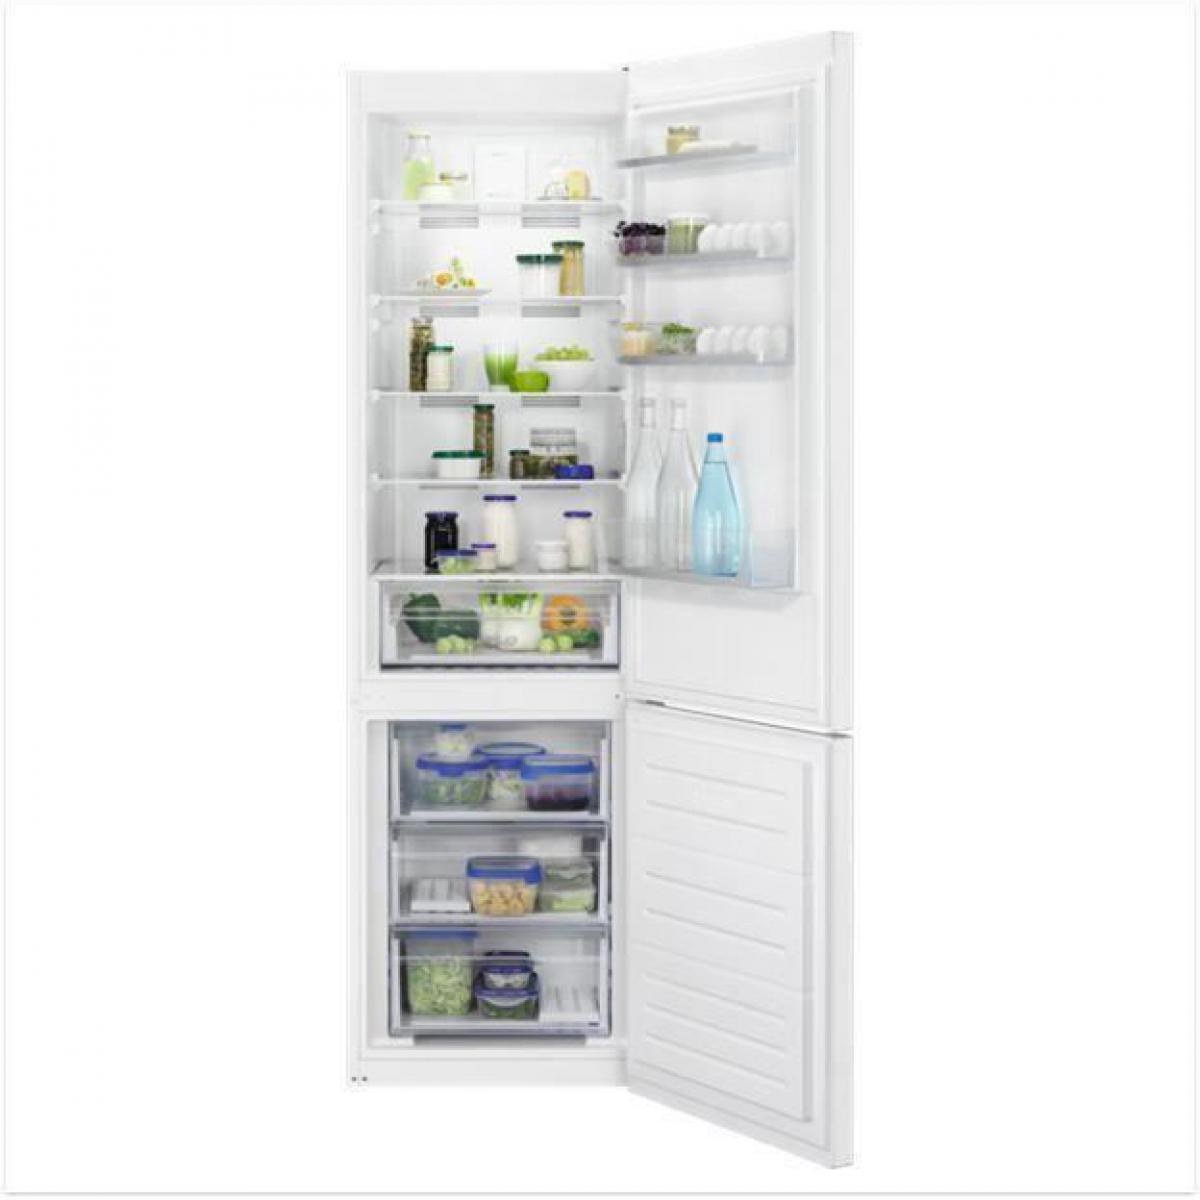 Faure Réfrigérateur combiné 250L Froid Ventilé FAURE 60cm A+, FAU7332543736362